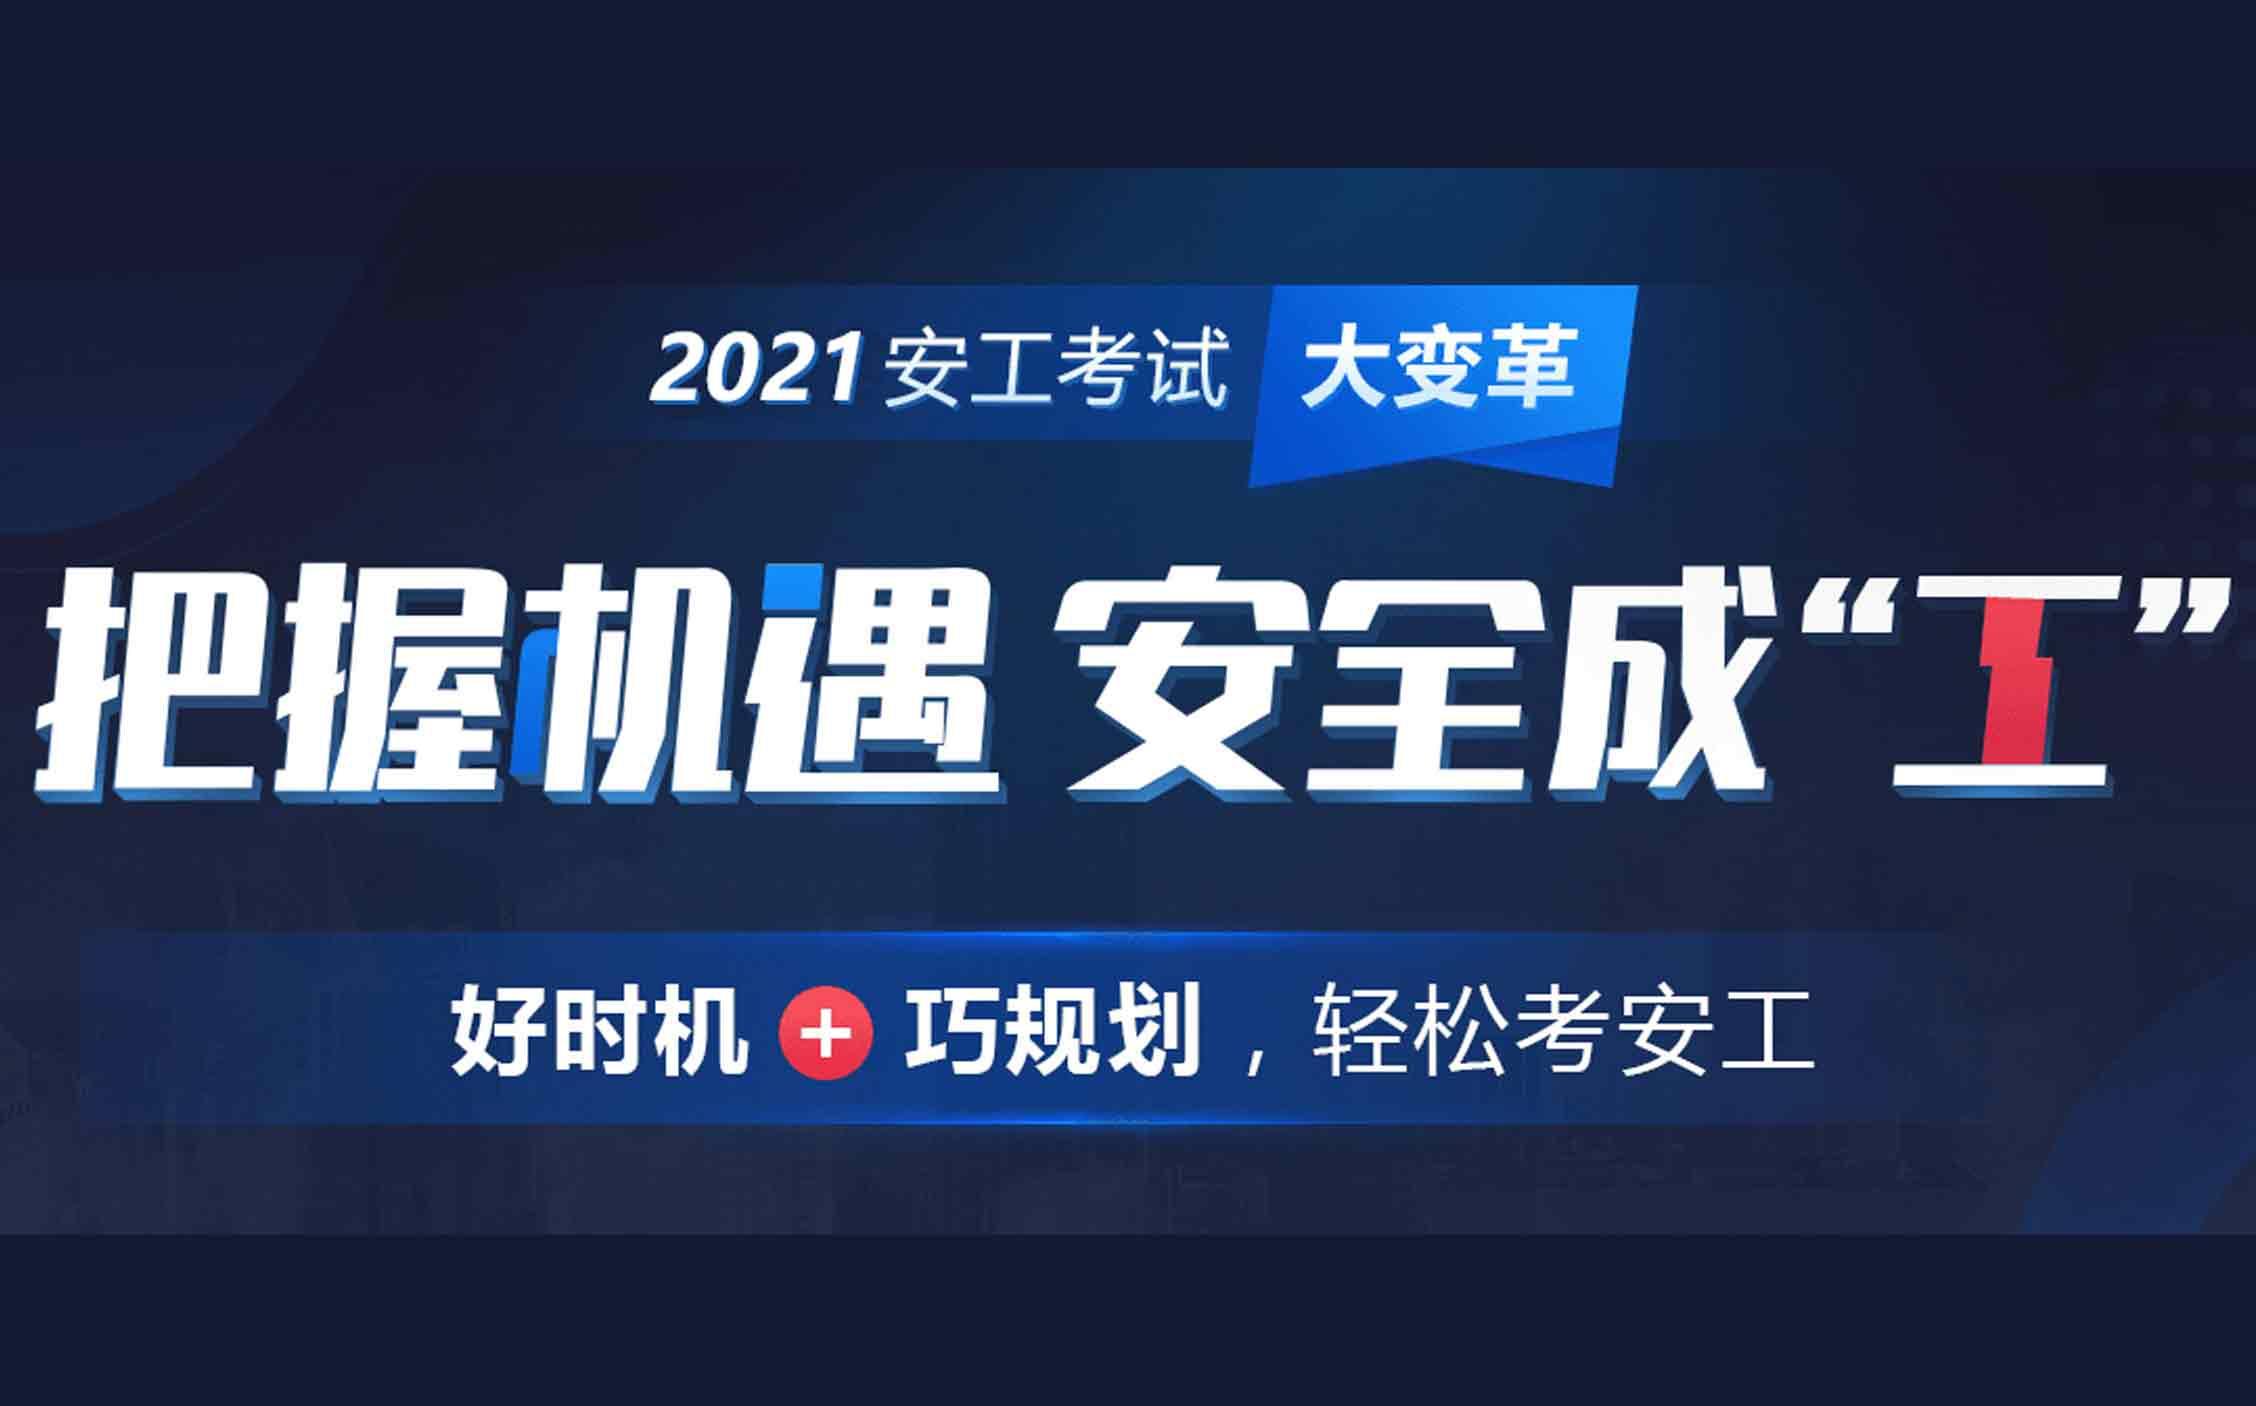 无锡2021安全工程师培训机构招生简章